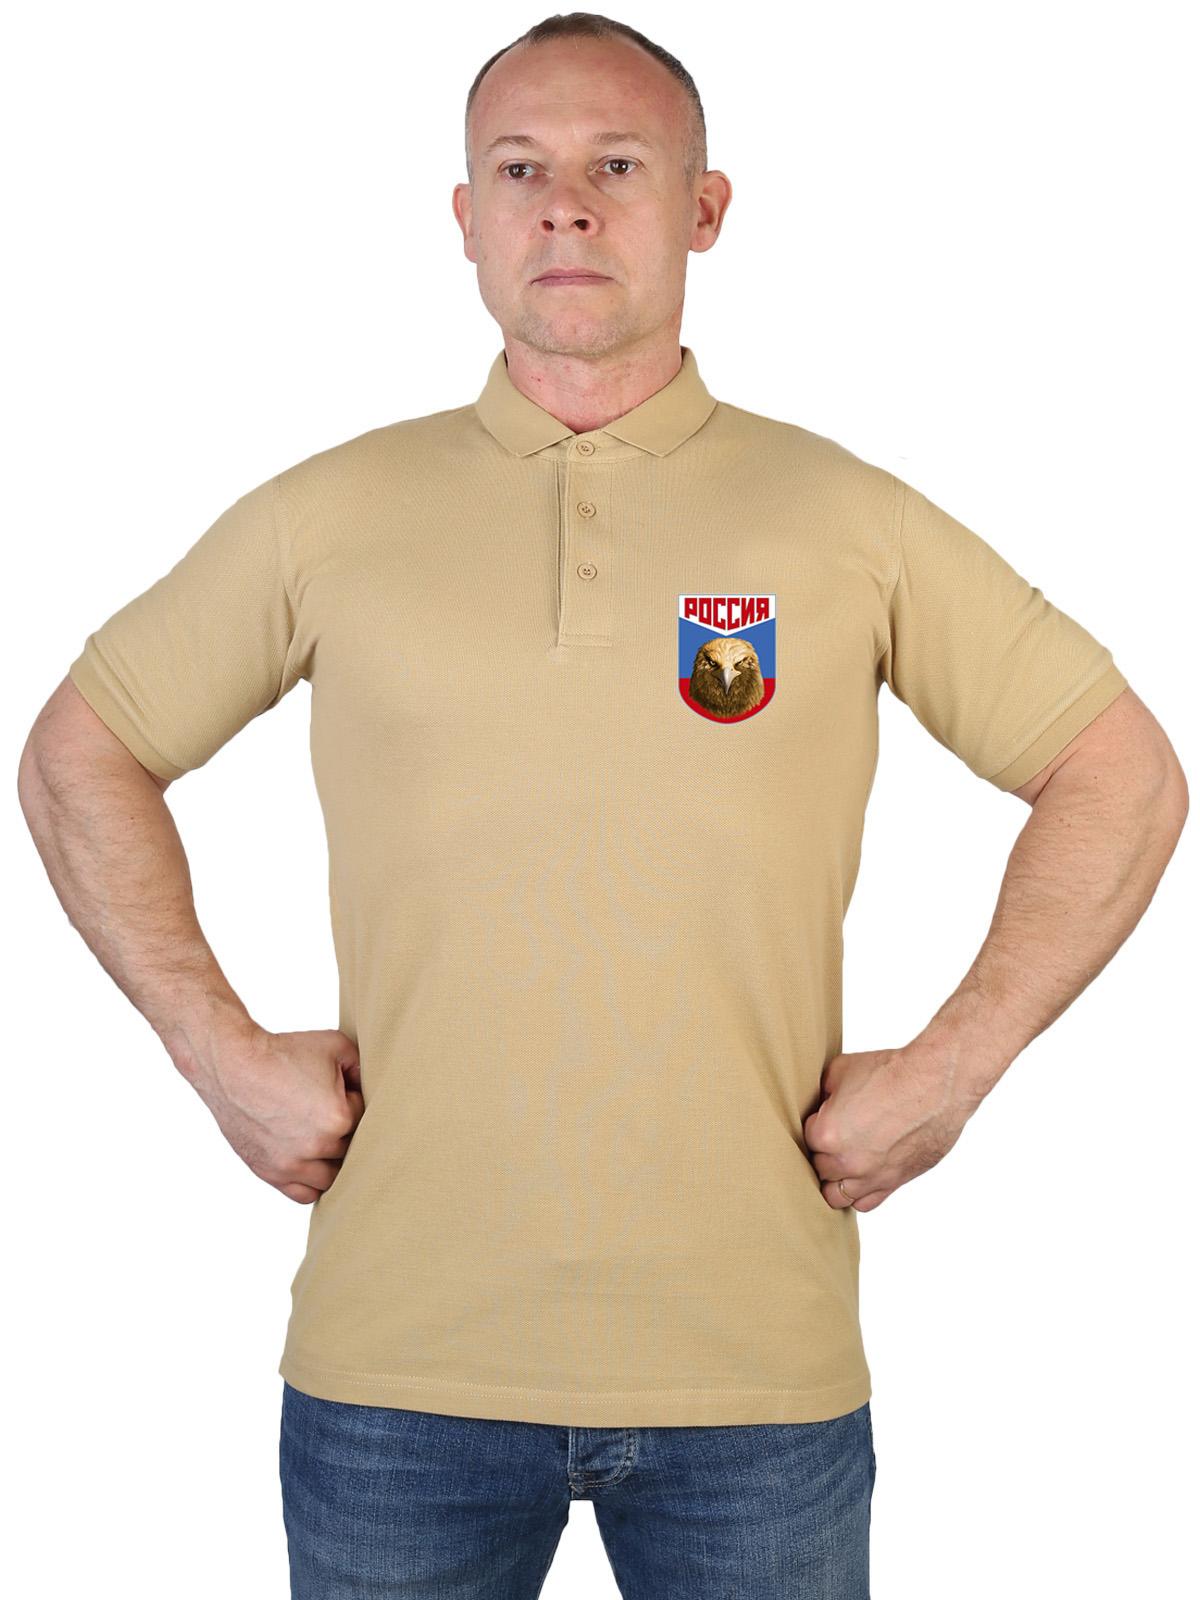 Купить оригинальную хлопковую футболку-поло с термонаклейкой Россия онлайн